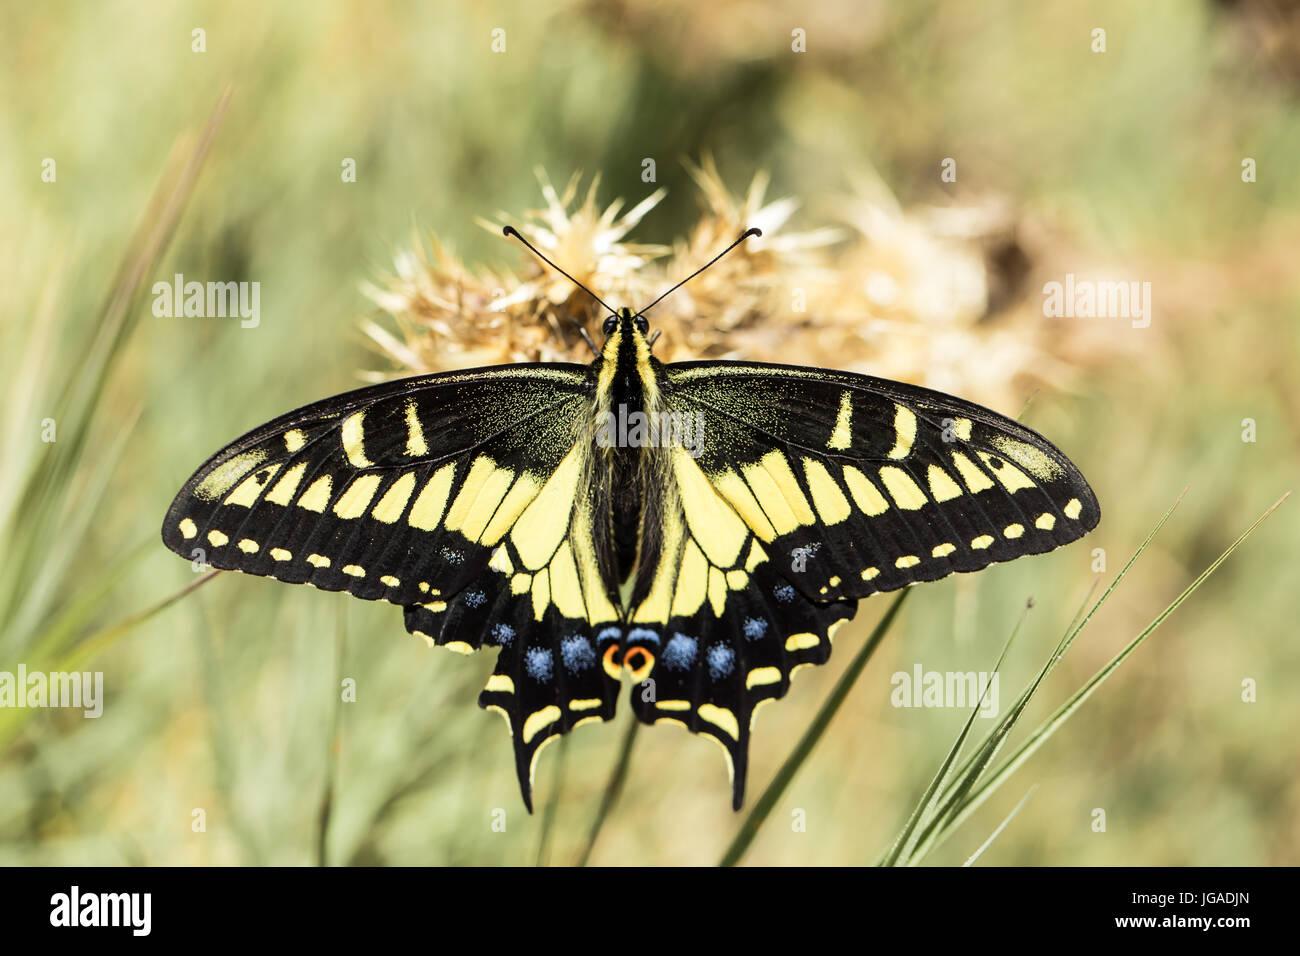 A coda di rondine di anice (Papilio zelicaon nectaring). Immagini Stock